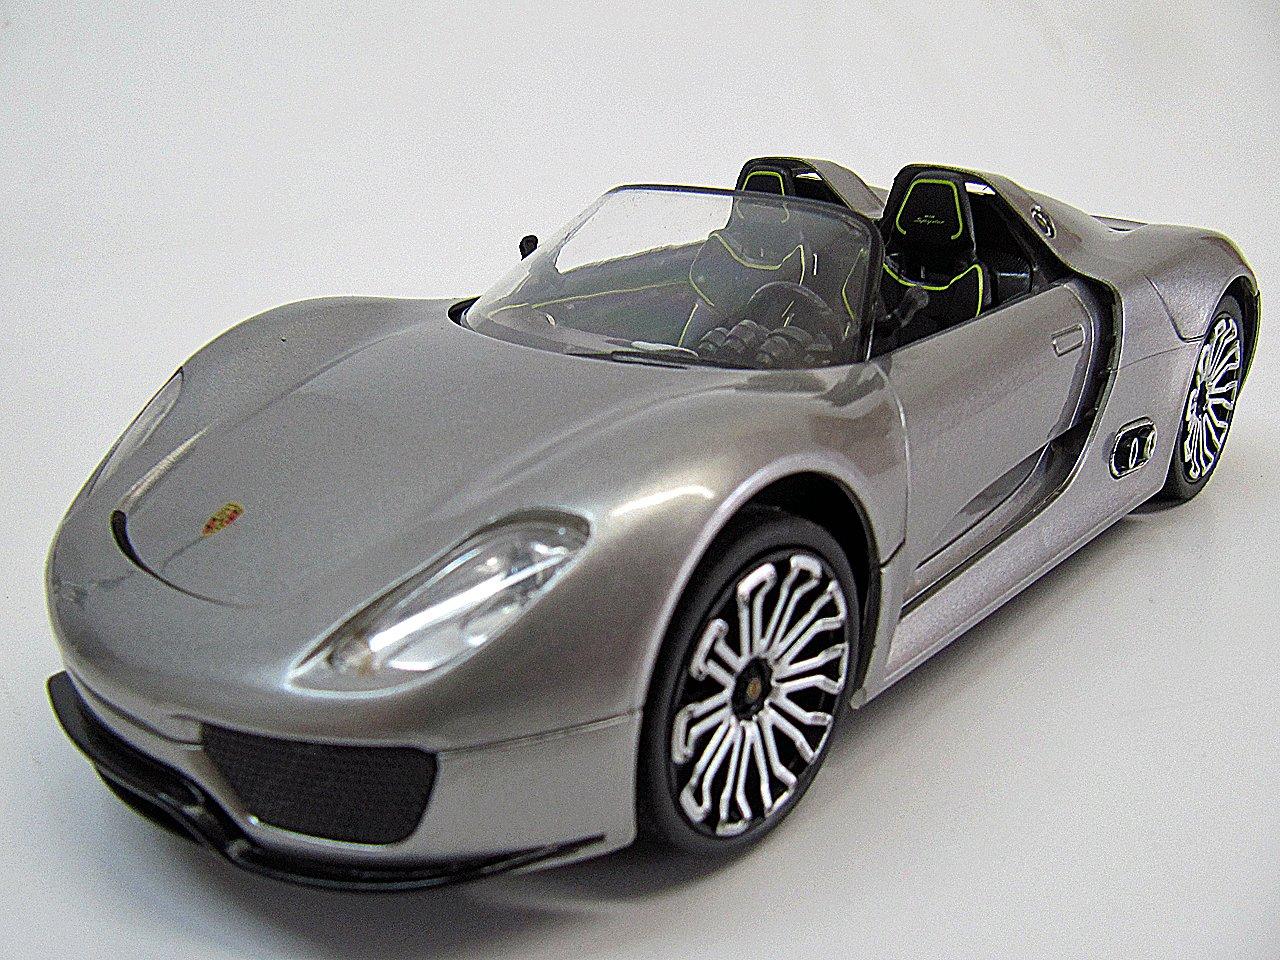 Brigamo00398 – PORSCHE 918, SPYDER, 1:24, Rc Auto, ferngesteuertes Auto, Modellauto, inkl. Fernsteuerung günstig bestellen